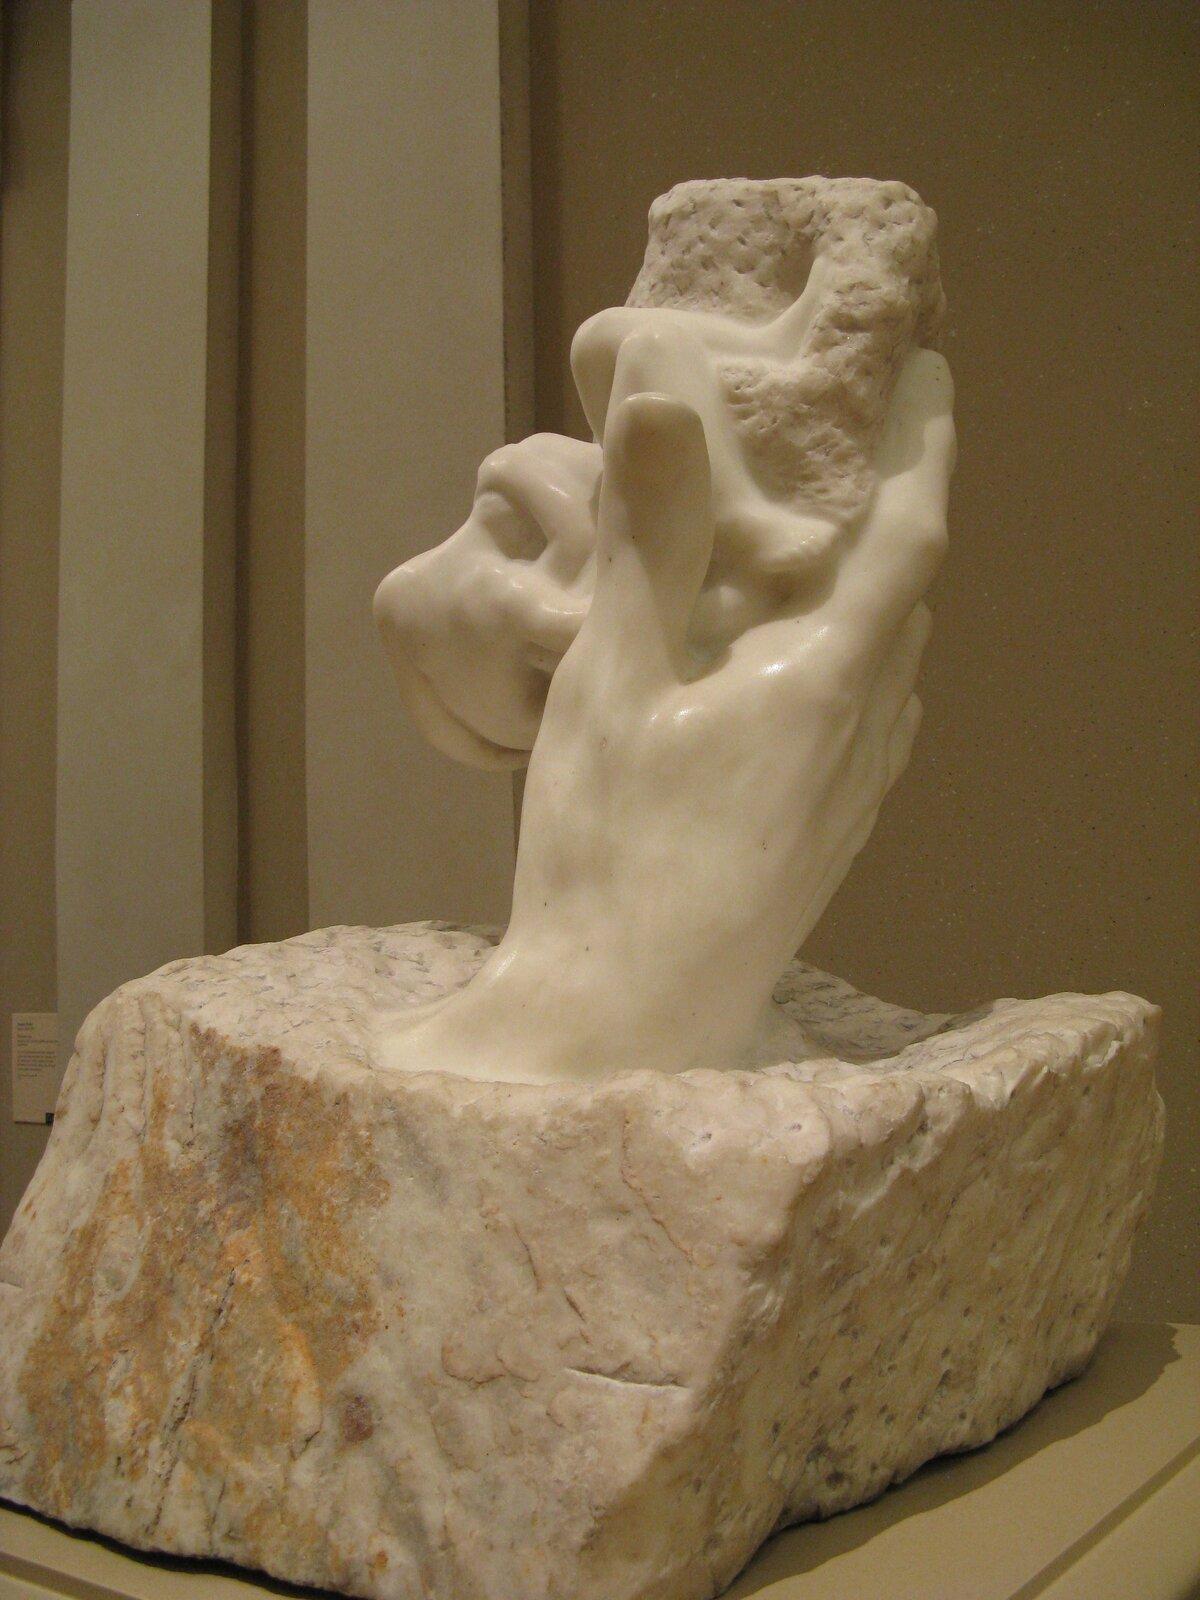 Ręka Boga Źródło: Auguste Rodin, Ręka Boga, 1917, rzeźba wmarmurze, domena publiczna.